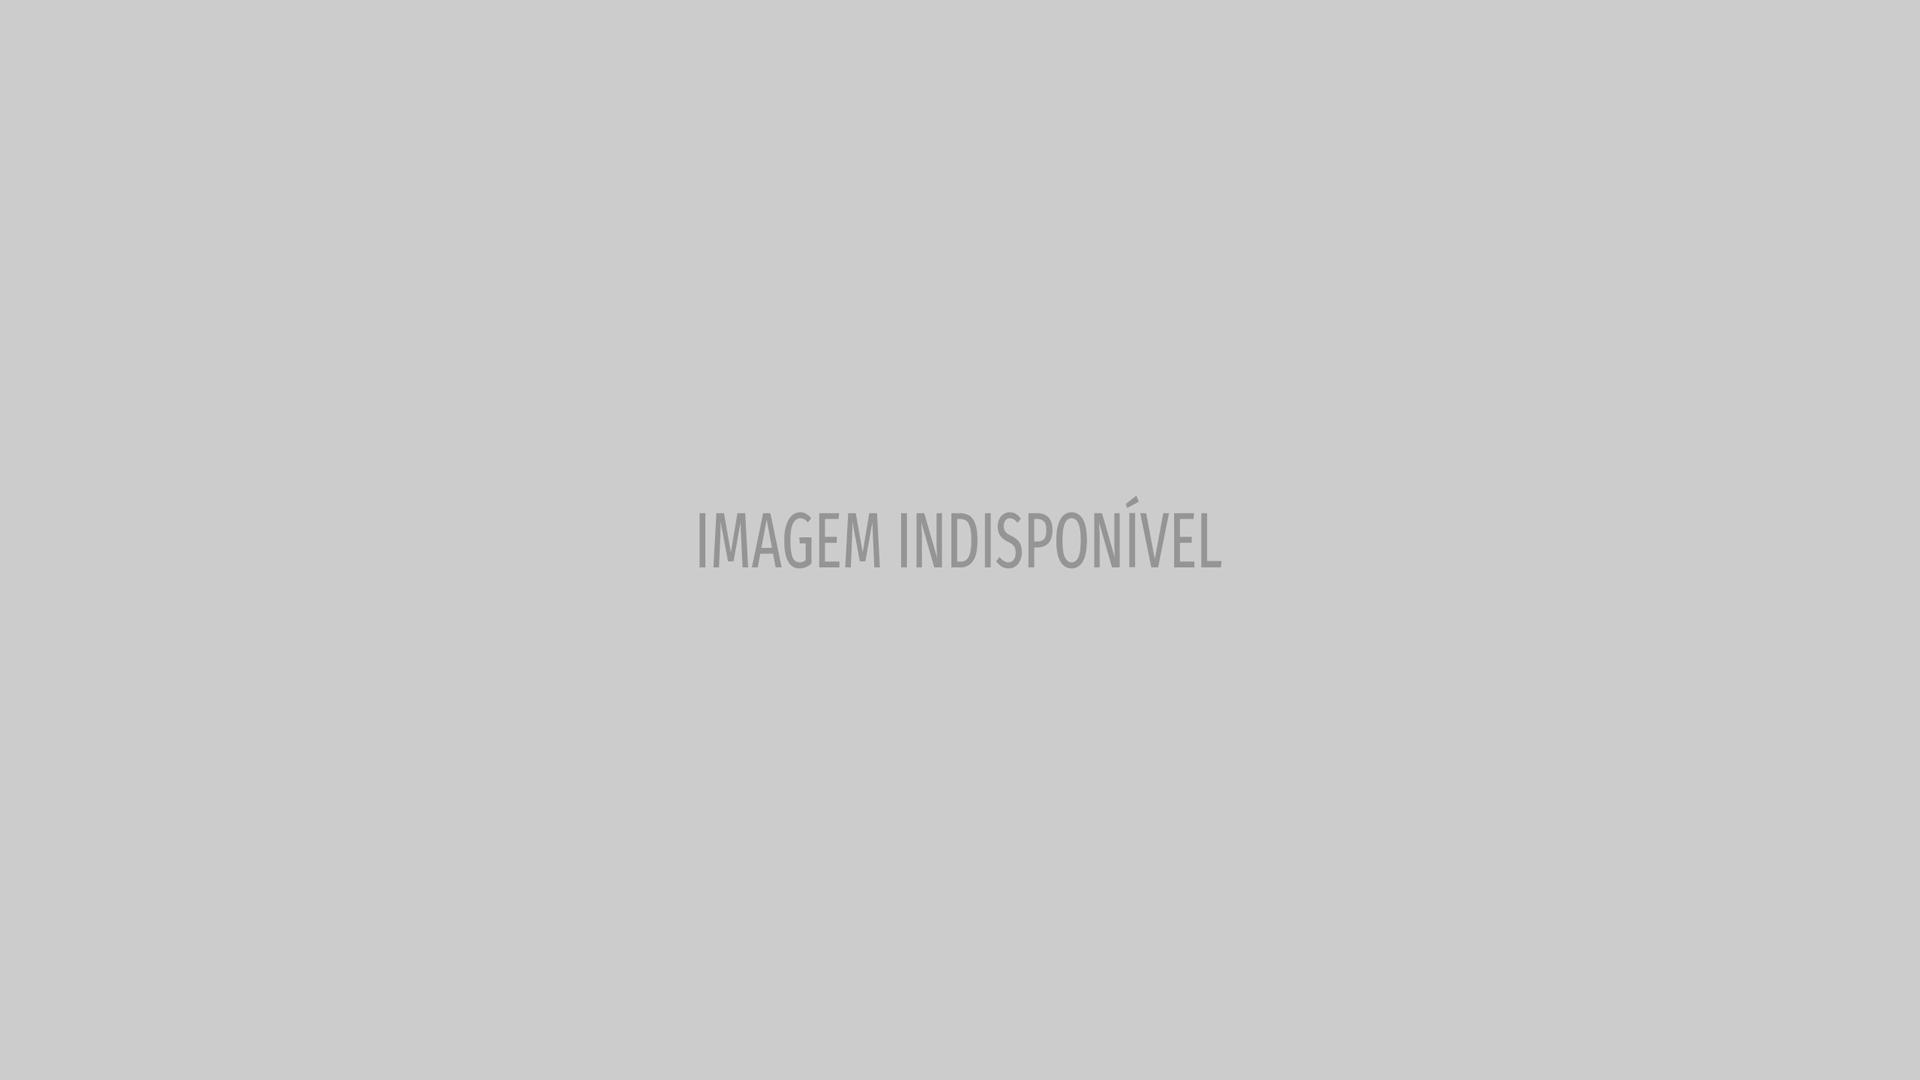 Princesa Charlotte ganha apelido inusitado em nova escola